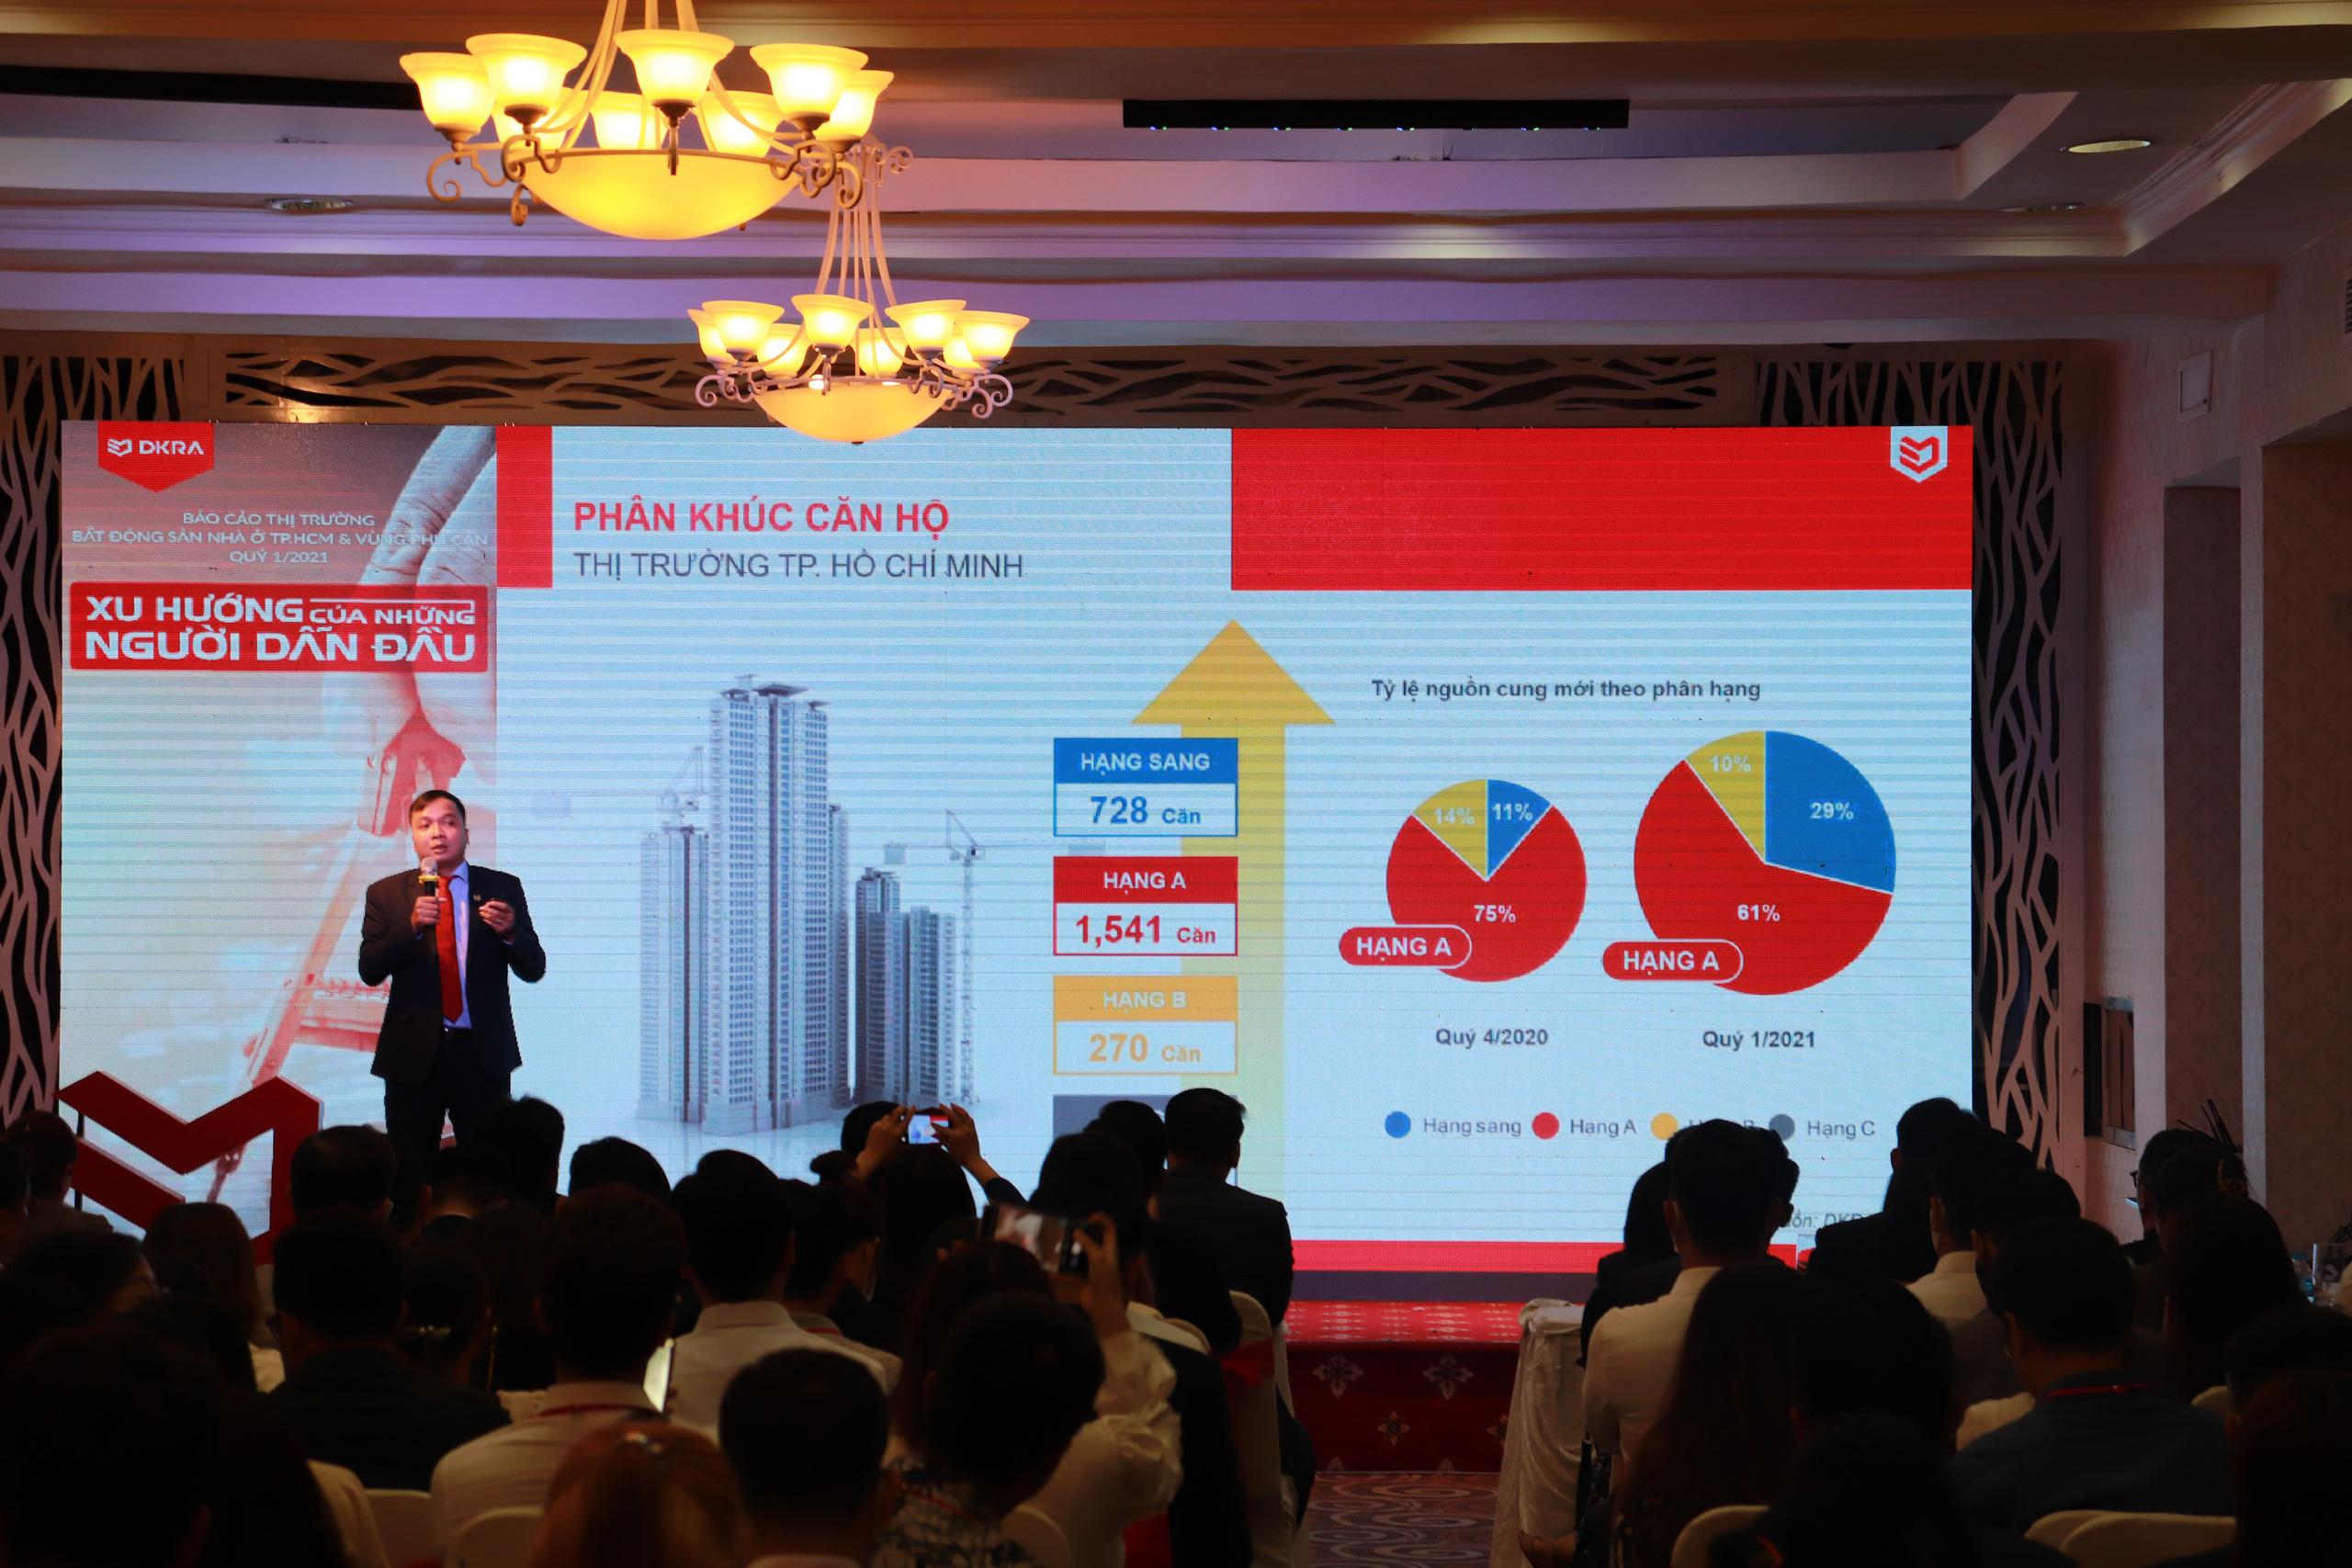 Nguồn cung mới vùng phụ cận TP HCM dẫn đầu thị trường bất động sản - Ảnh 1.